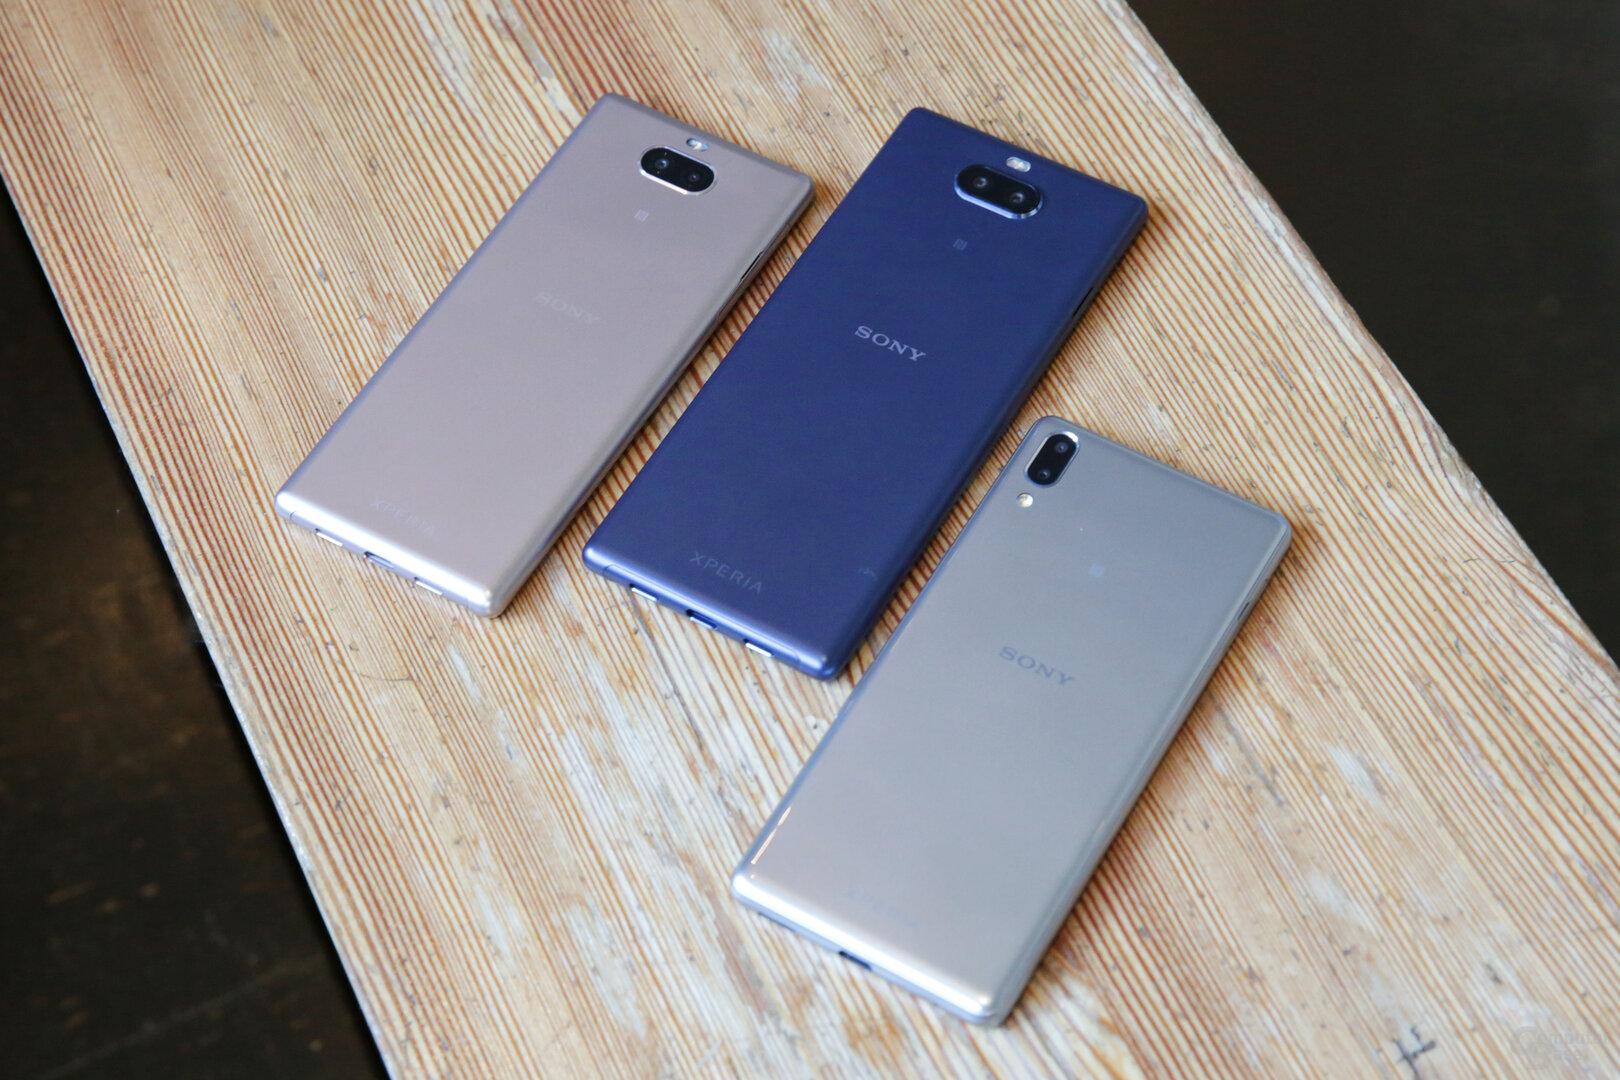 Alle drei Varianten mit Dual-Kamera auf der Rückseite